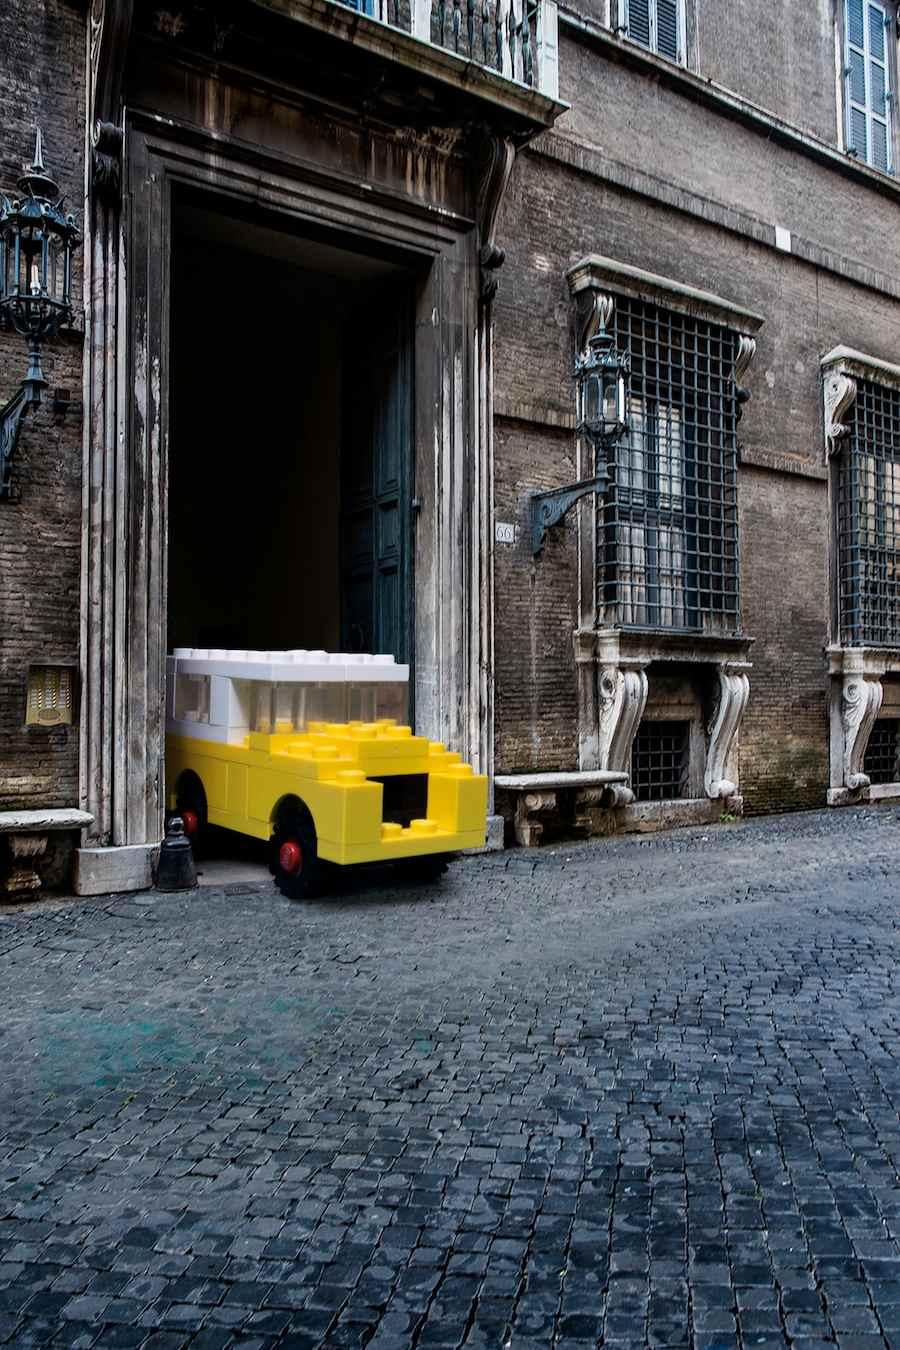 LEGO outside LEGOLAND - Image ©Domenico Franco, courtesy of Domenico Franco.